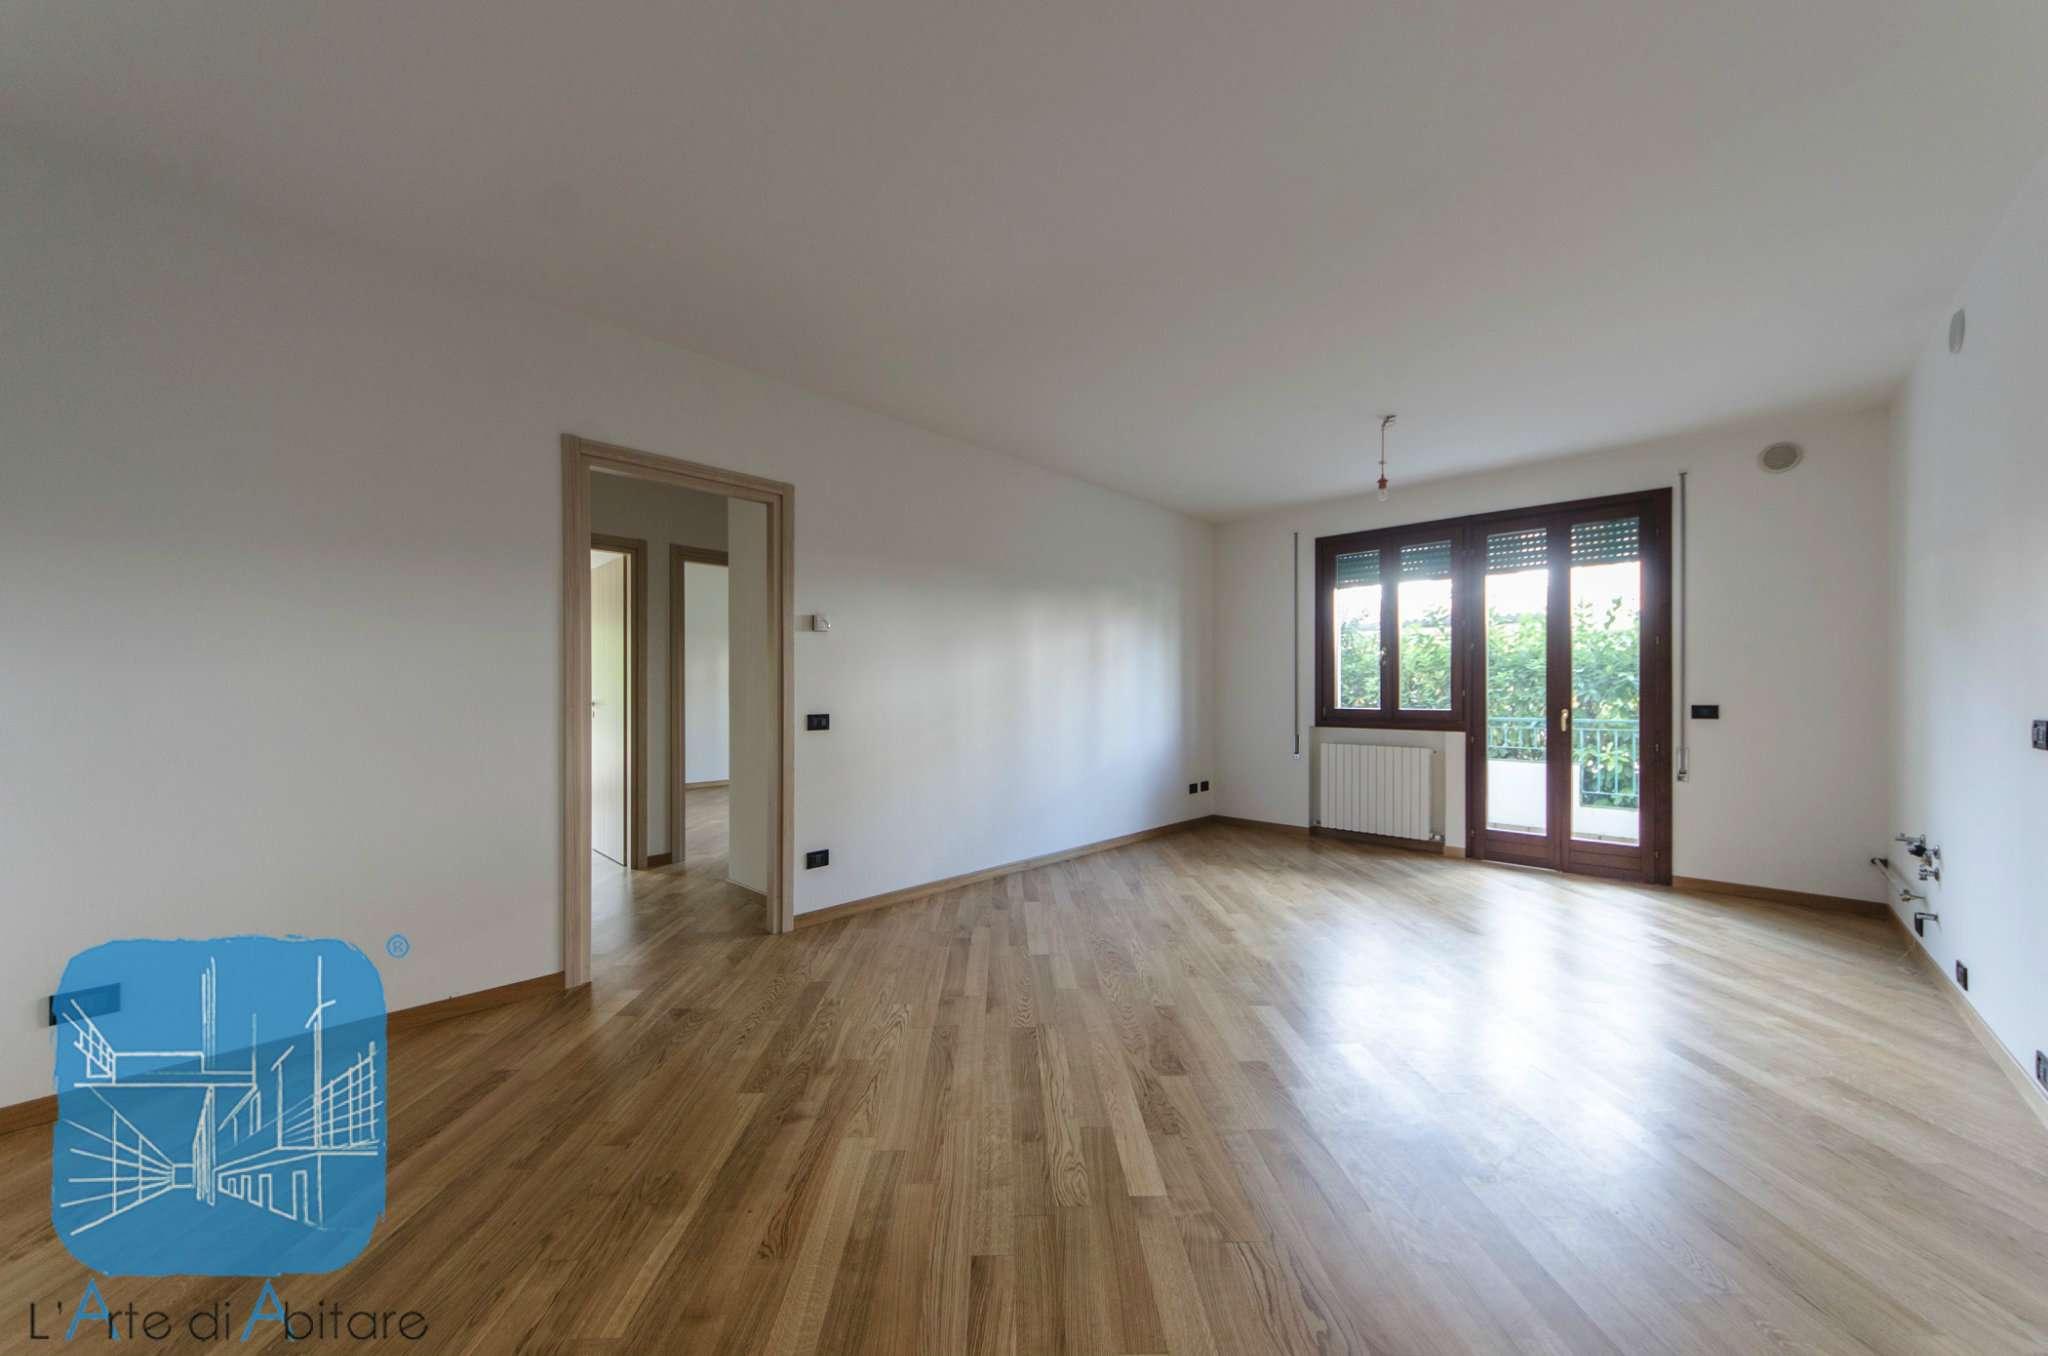 Appartamento in vendita a Piove di Sacco, 5 locali, prezzo € 85.000 | Cambio Casa.it